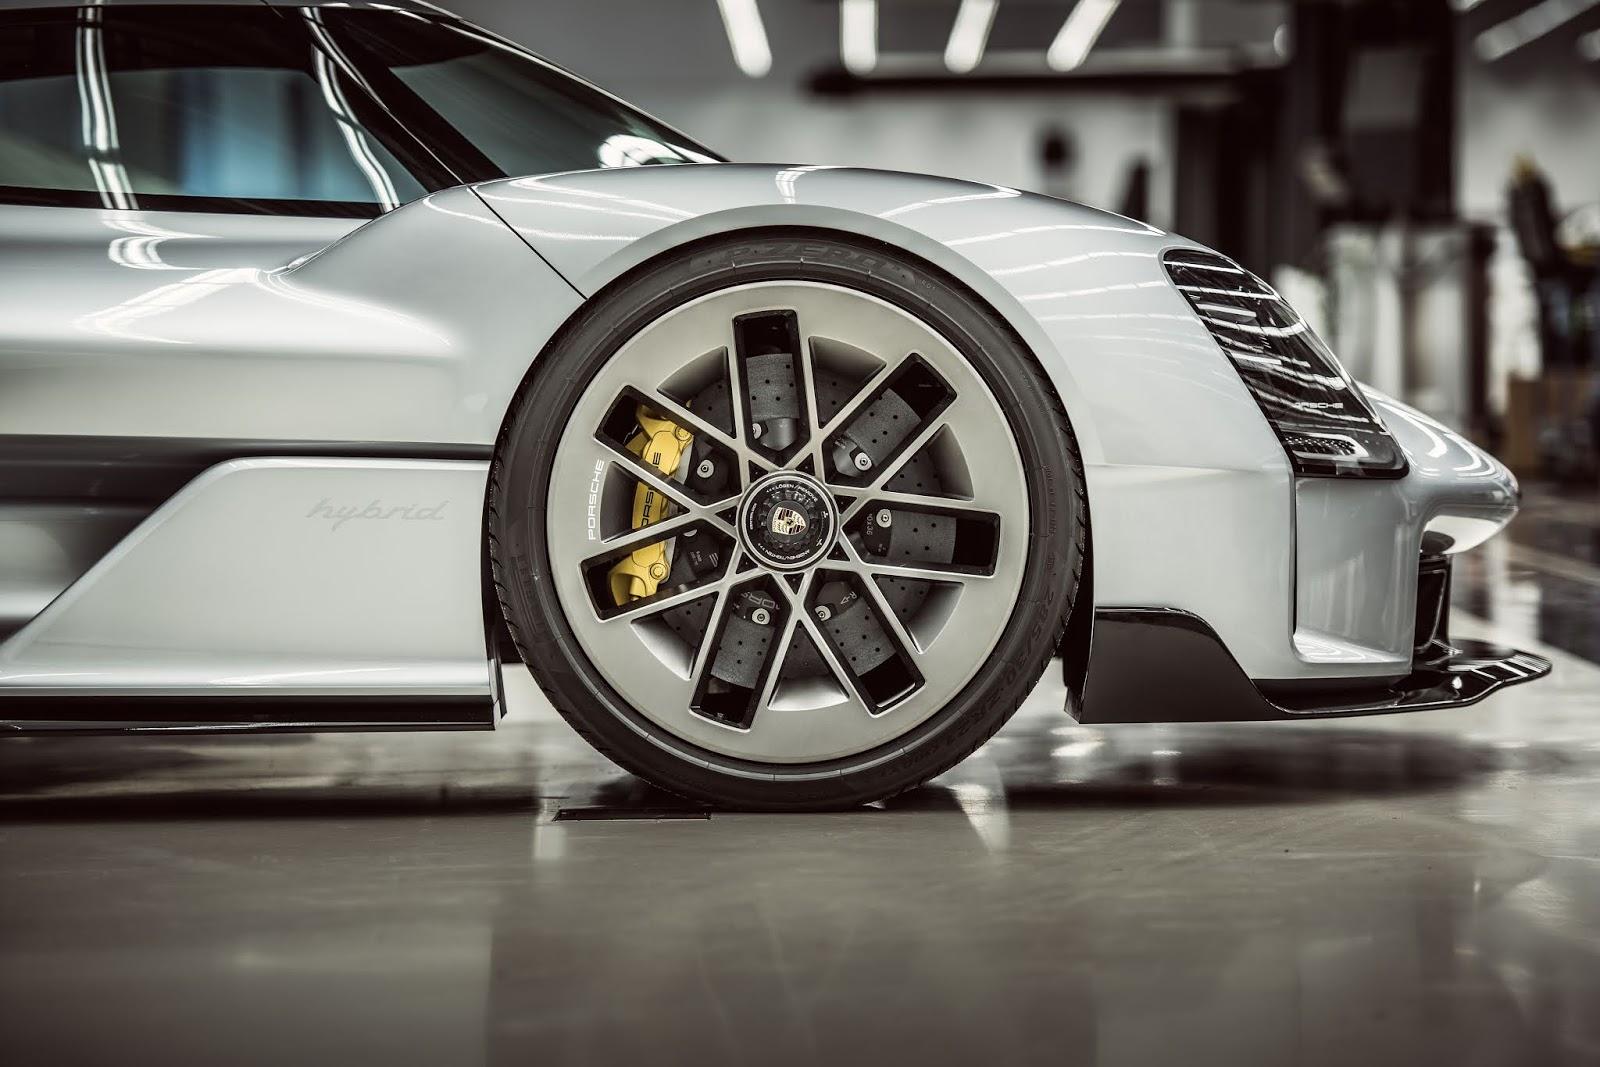 CVS0419 Τα άγνωστα Hypercars της Porsche hypercar, Porsche, Porsche Unseen, Sunday, supercar, supercars, zblog, ειδήσεις